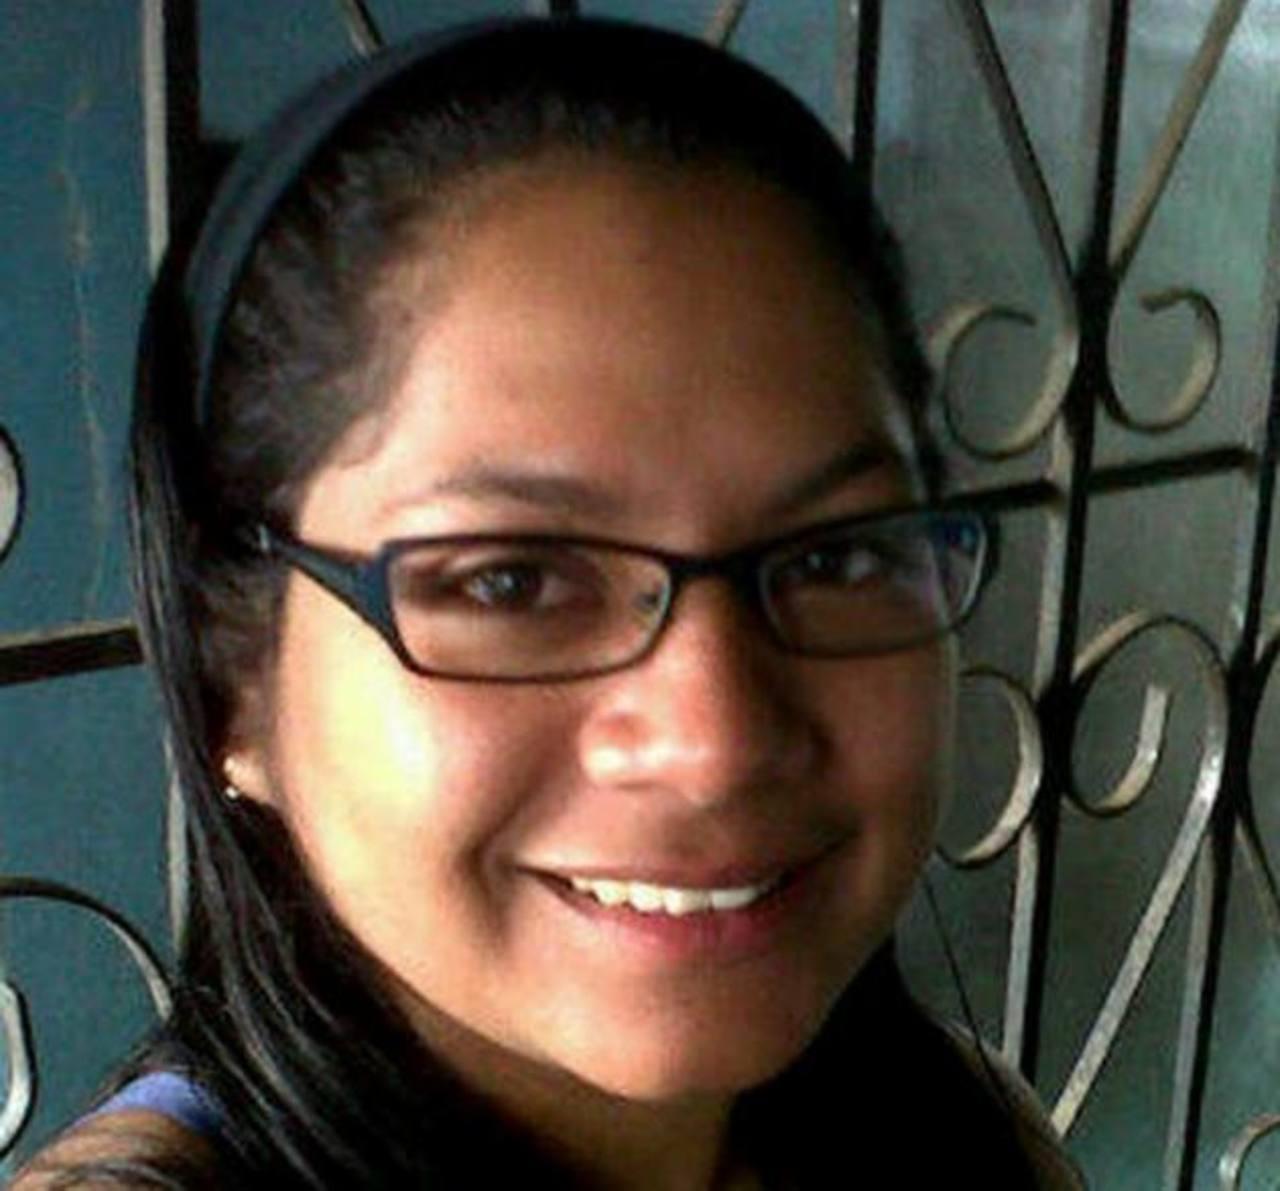 Lorena Magdalena Vaires Hernández, de 28 años, desapareció el pasado 21 de octubre en Santa Tecla.